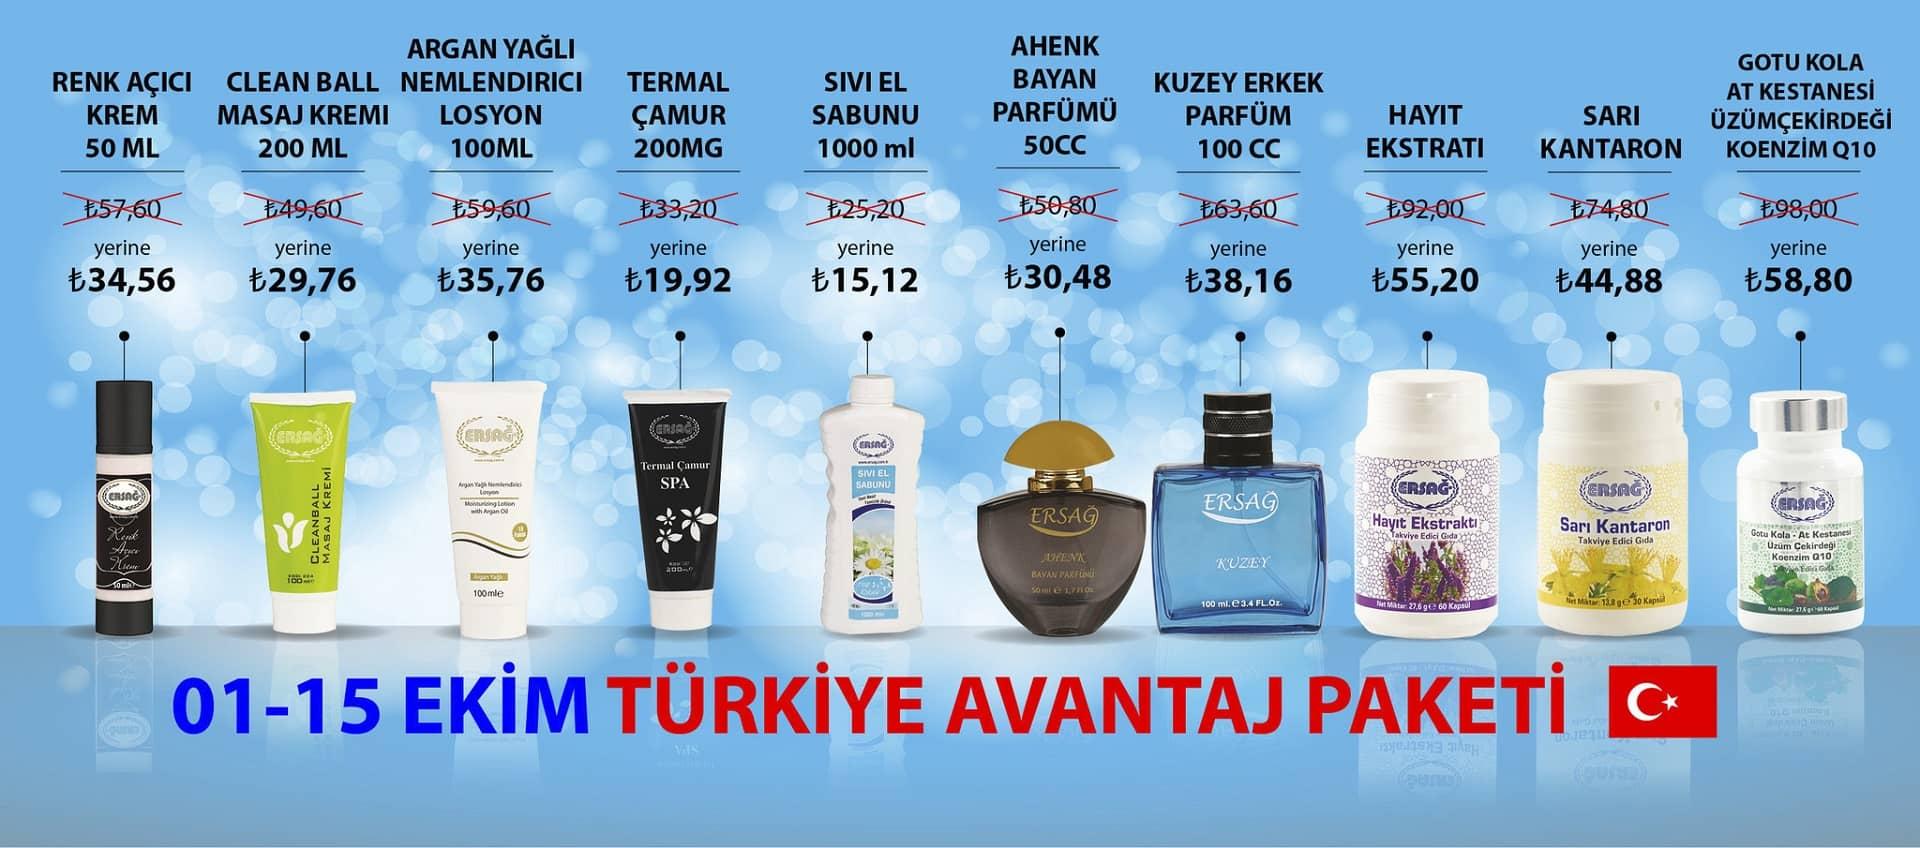 Ersağ 01 - 15 Ekim 2018 Türkiye Avantaj Paketi